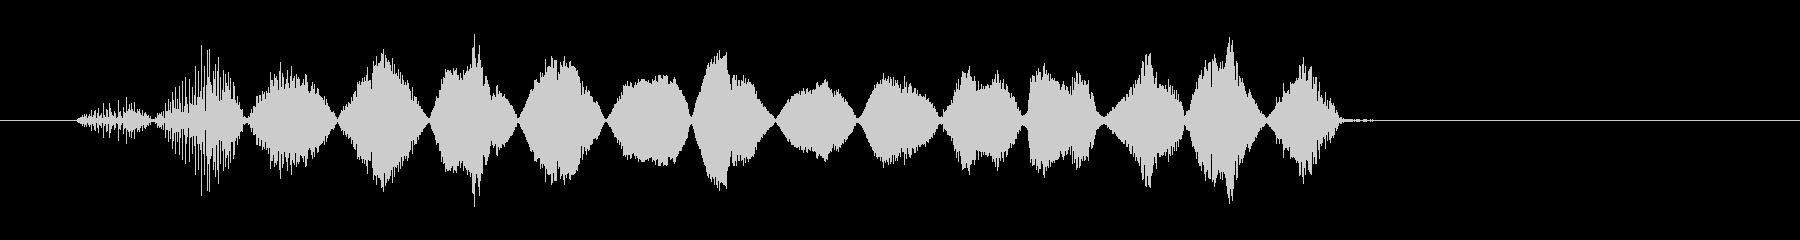 コミカルな動きの未再生の波形